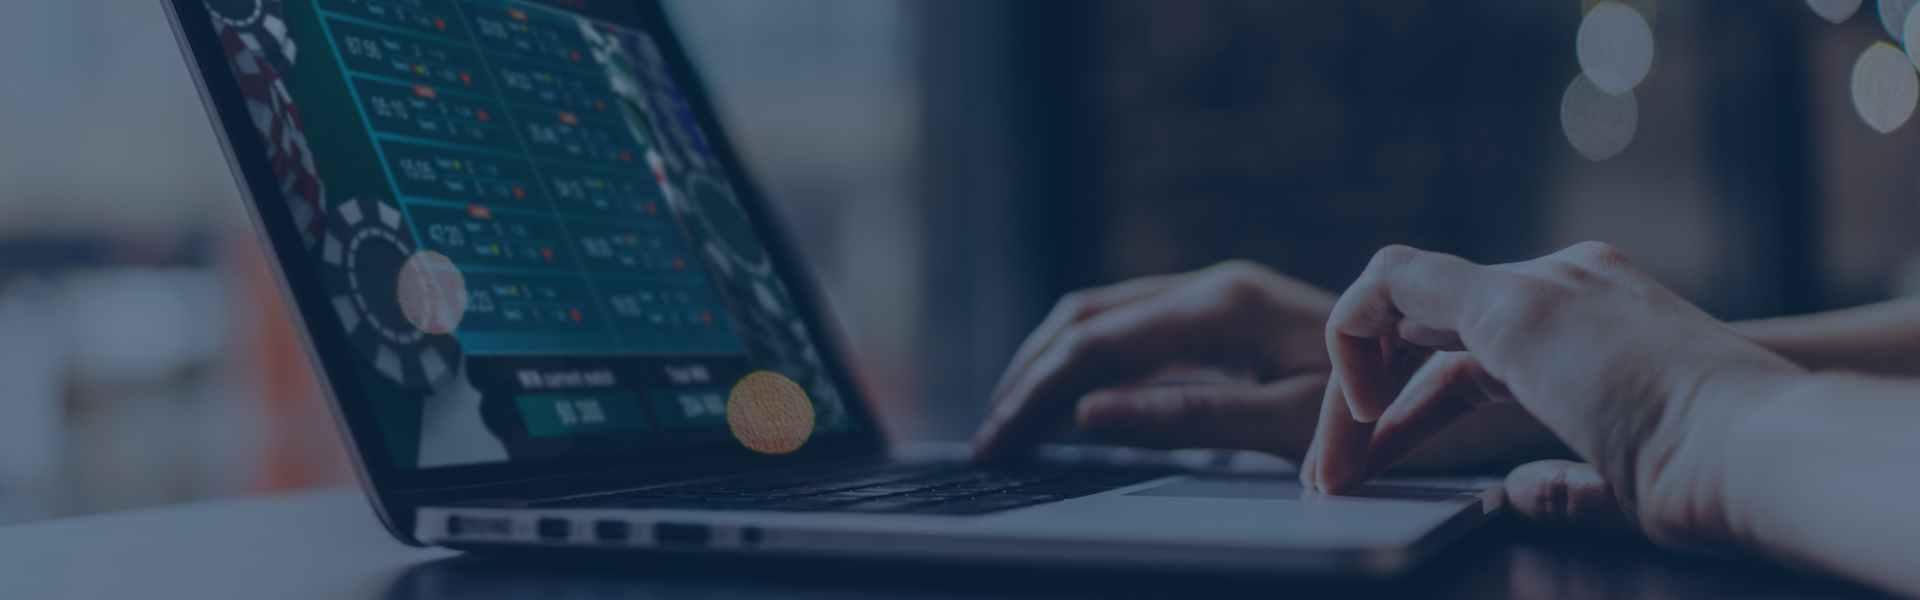 bitcoin_gambling_laptop